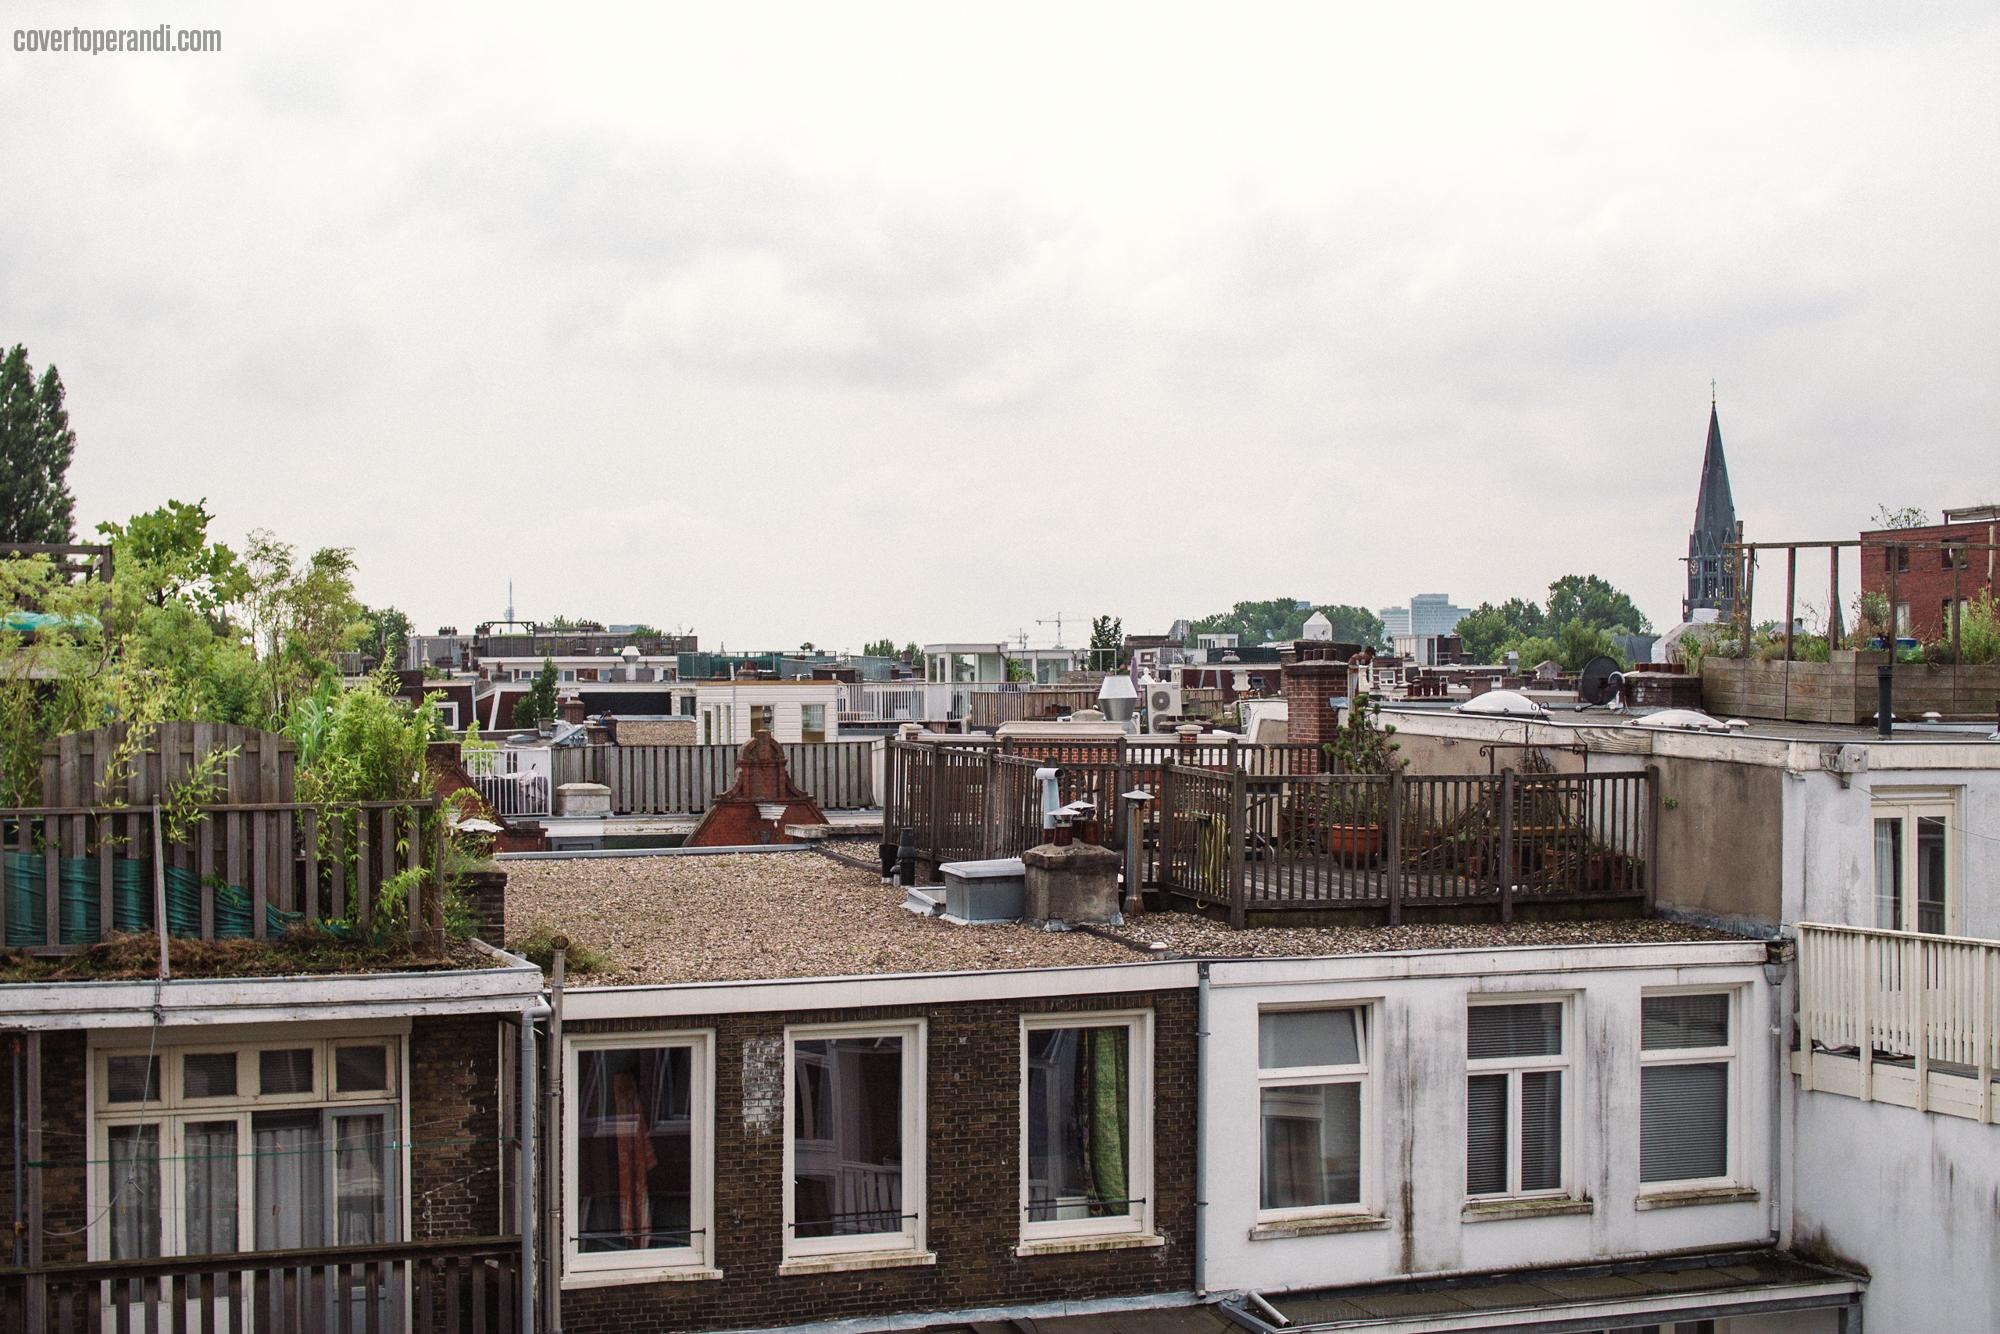 Covert Operandi - 2014 Amsterdam-12.jpg